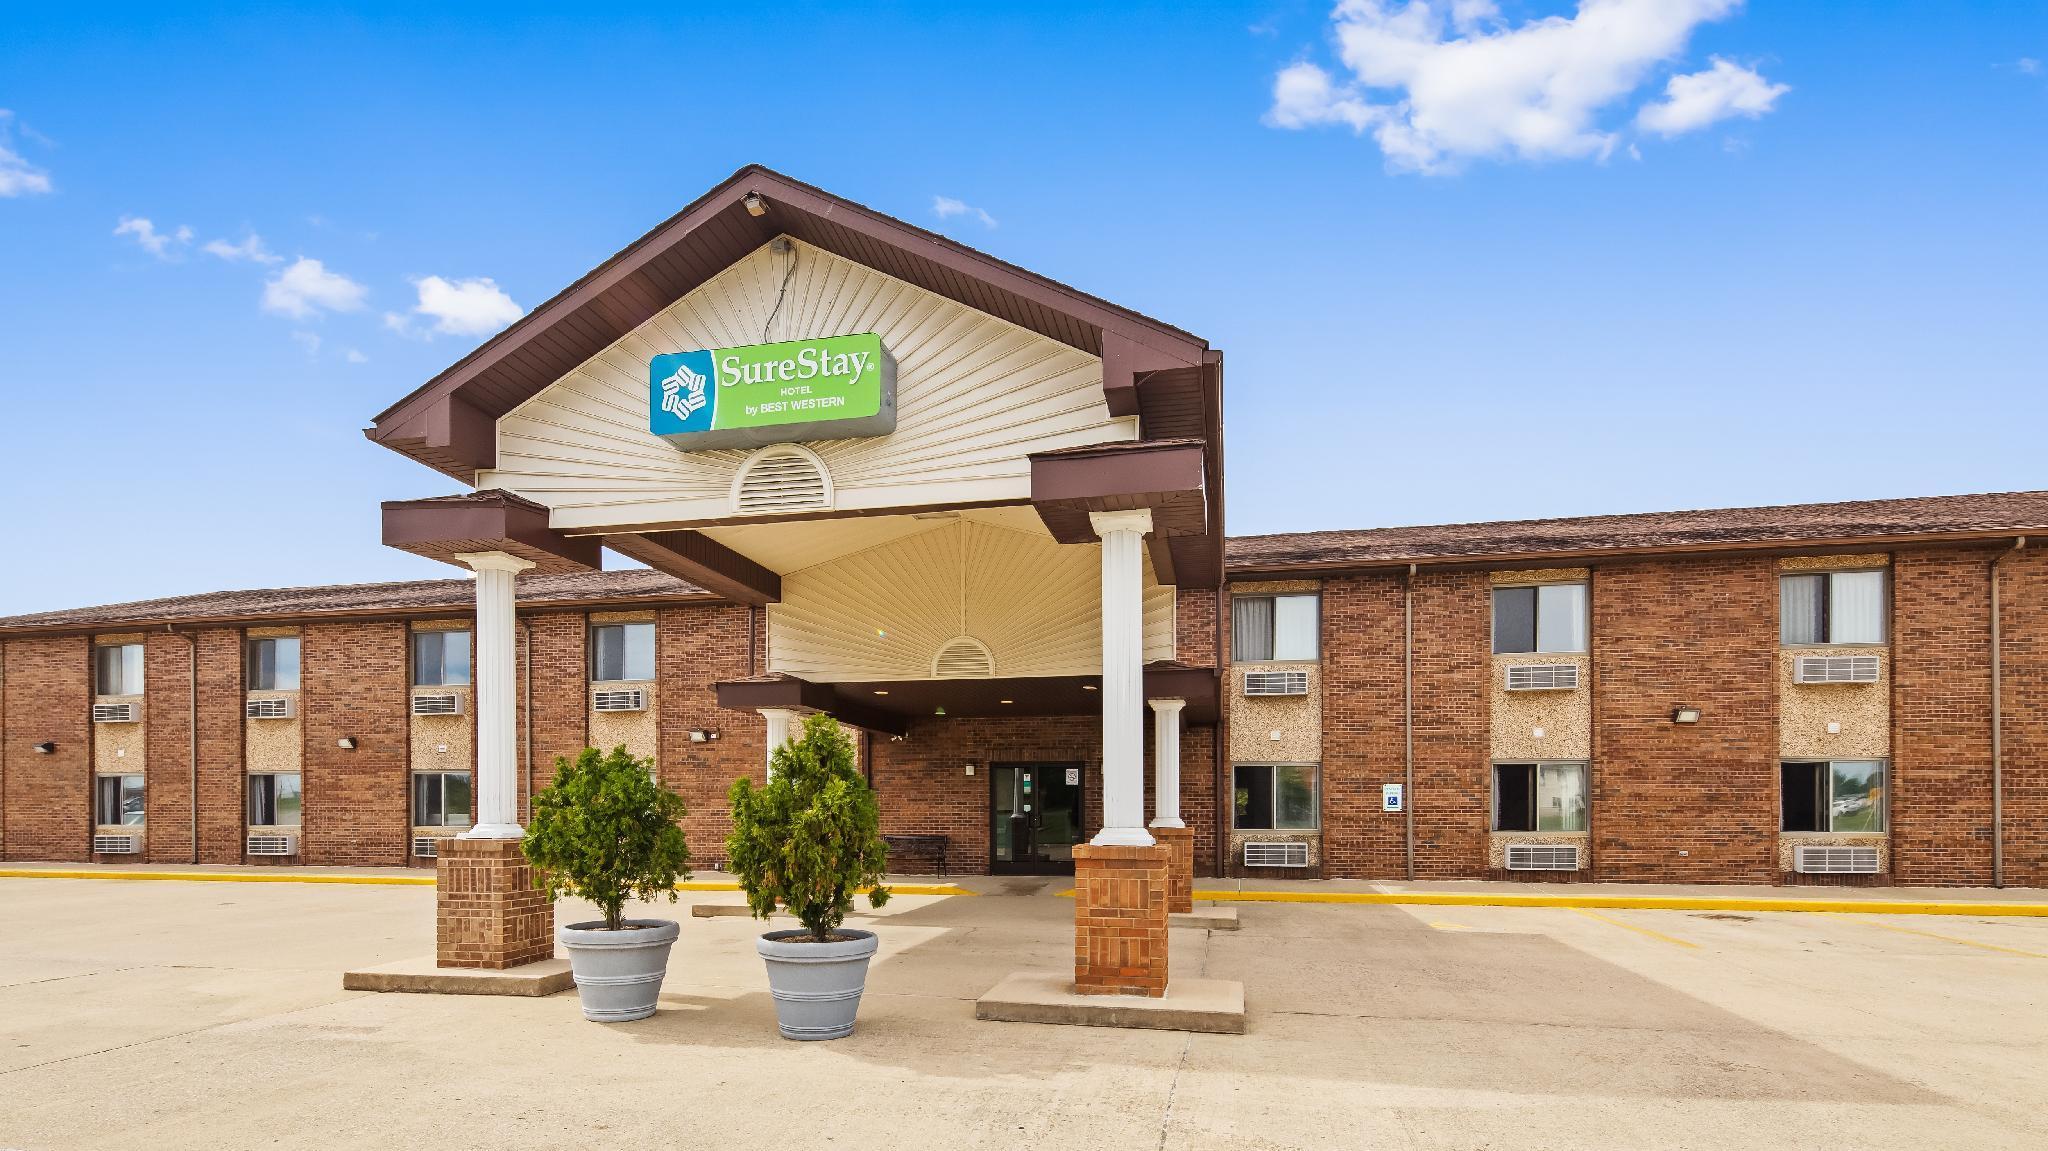 SureStay Hotel By Best Western Greenville